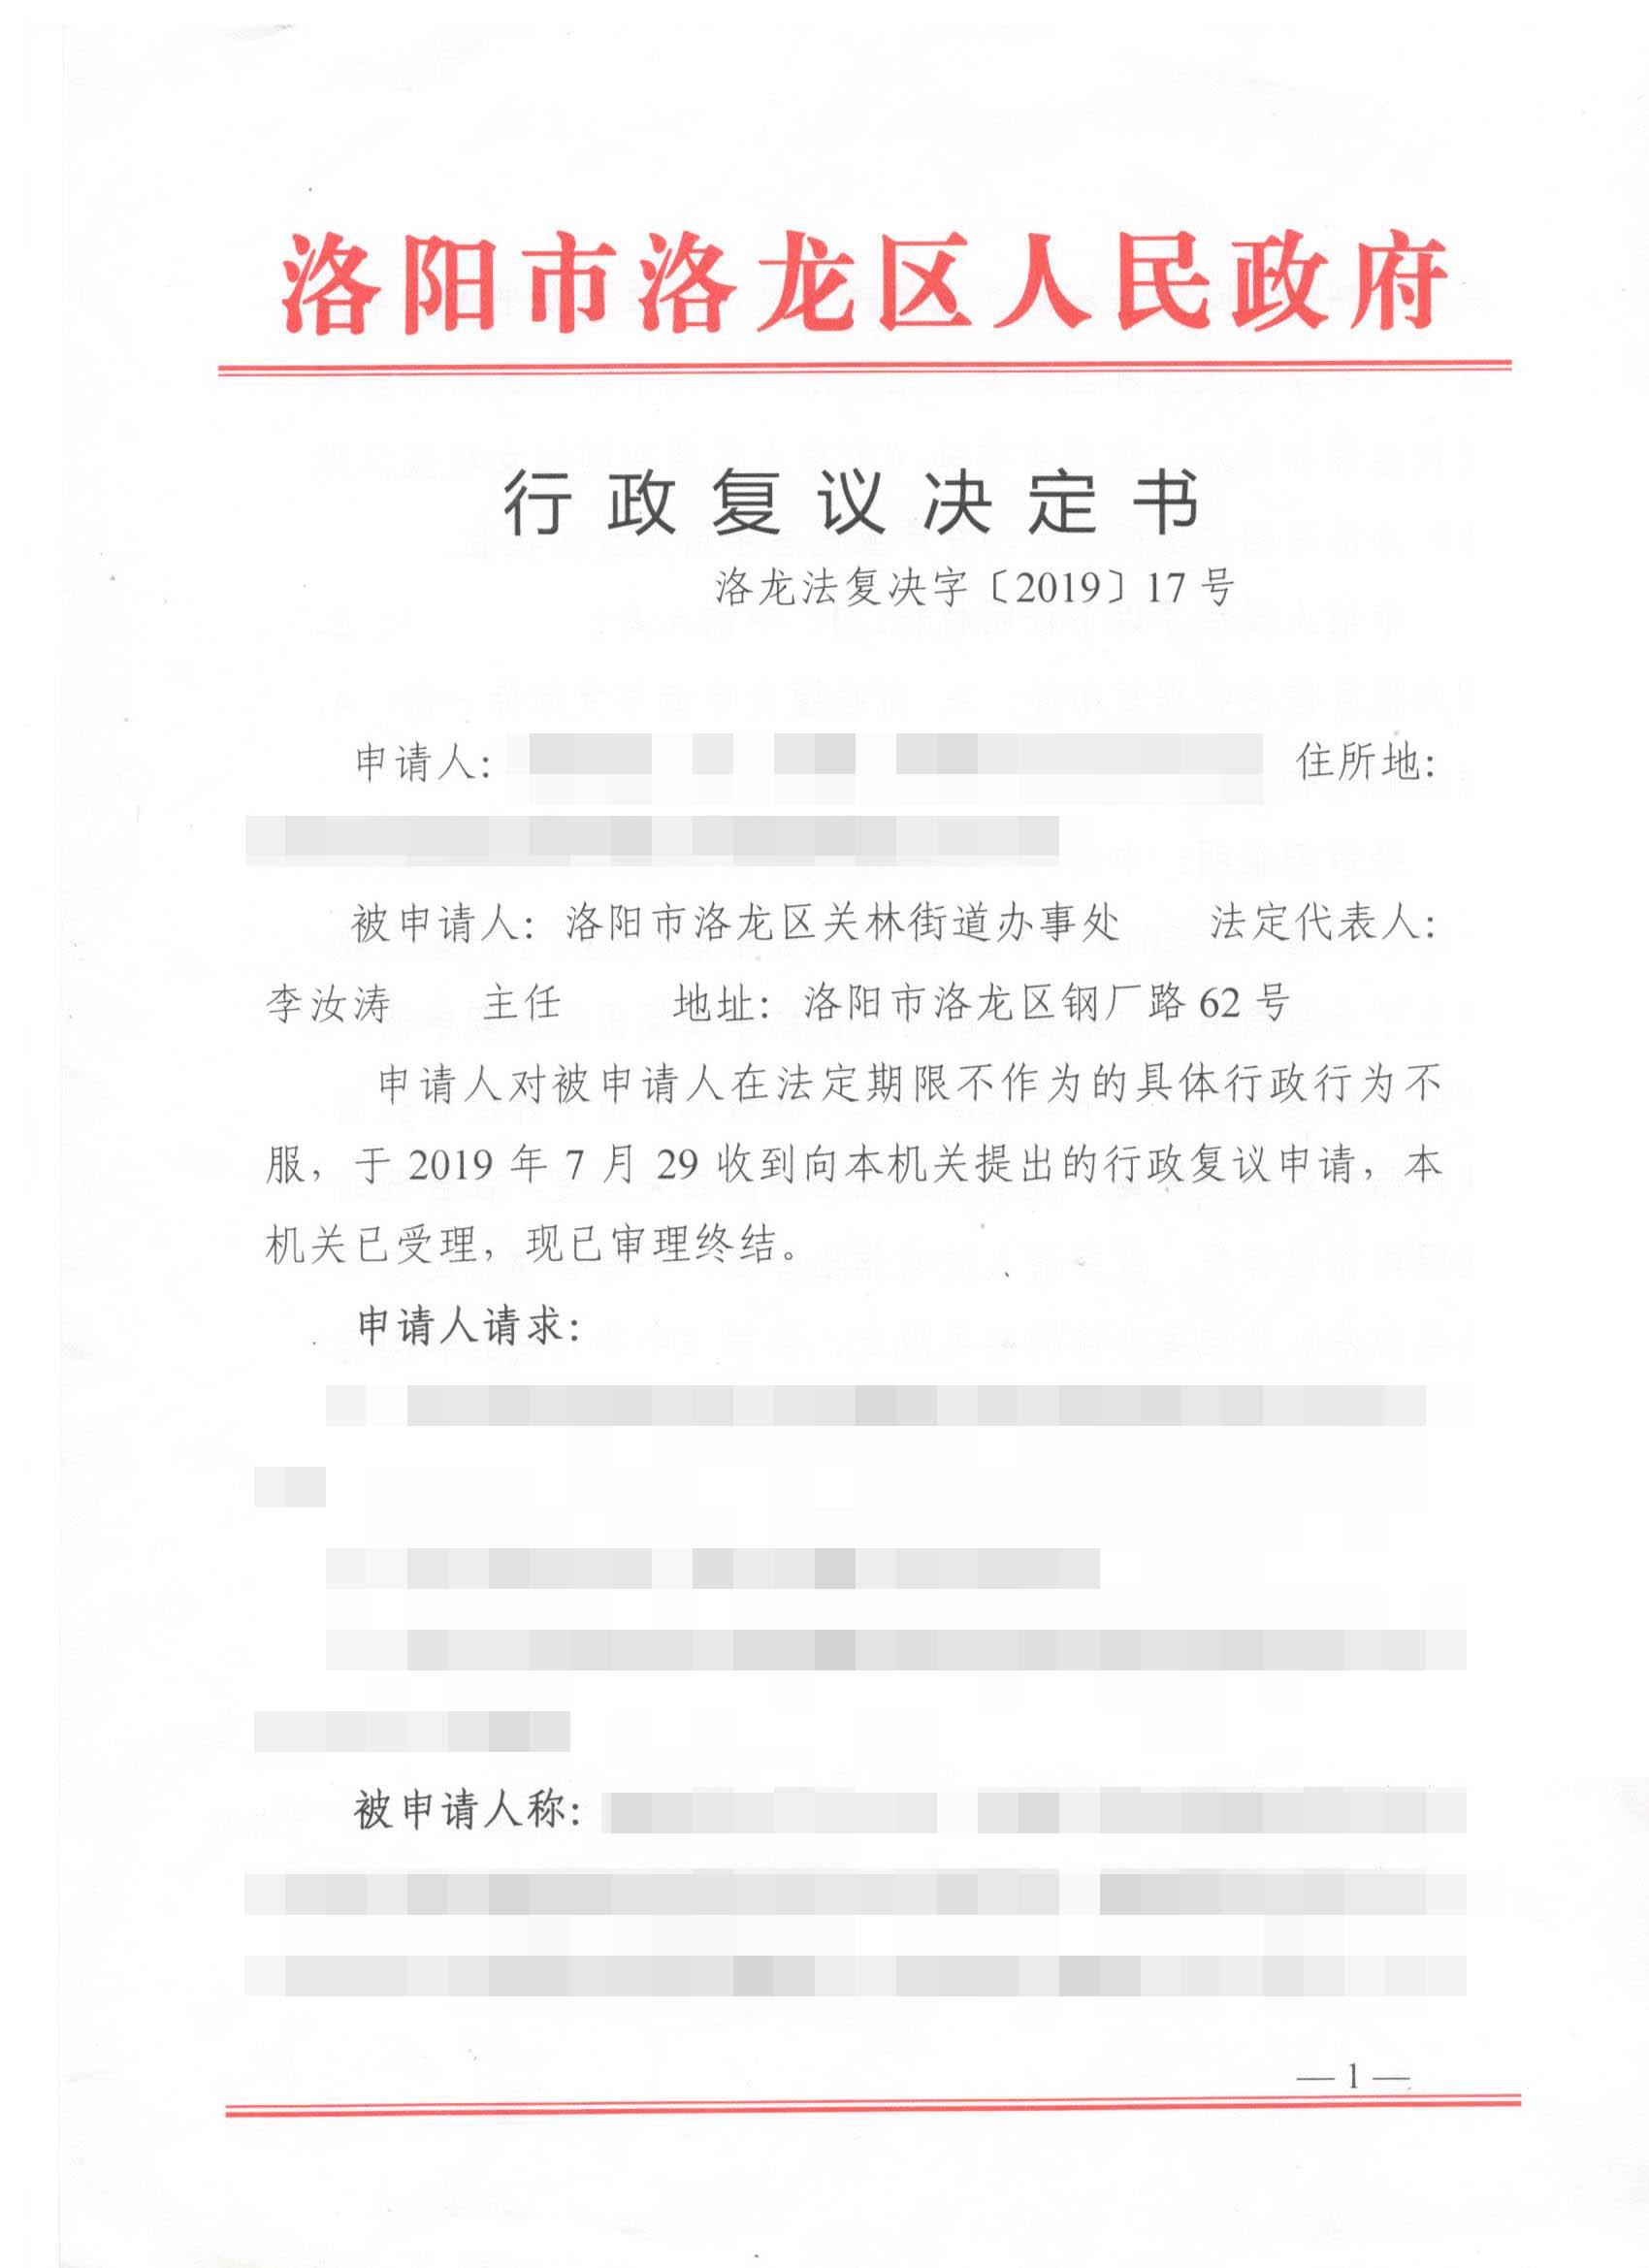 洛龙区人民政府把《行政复议法》当作废纸